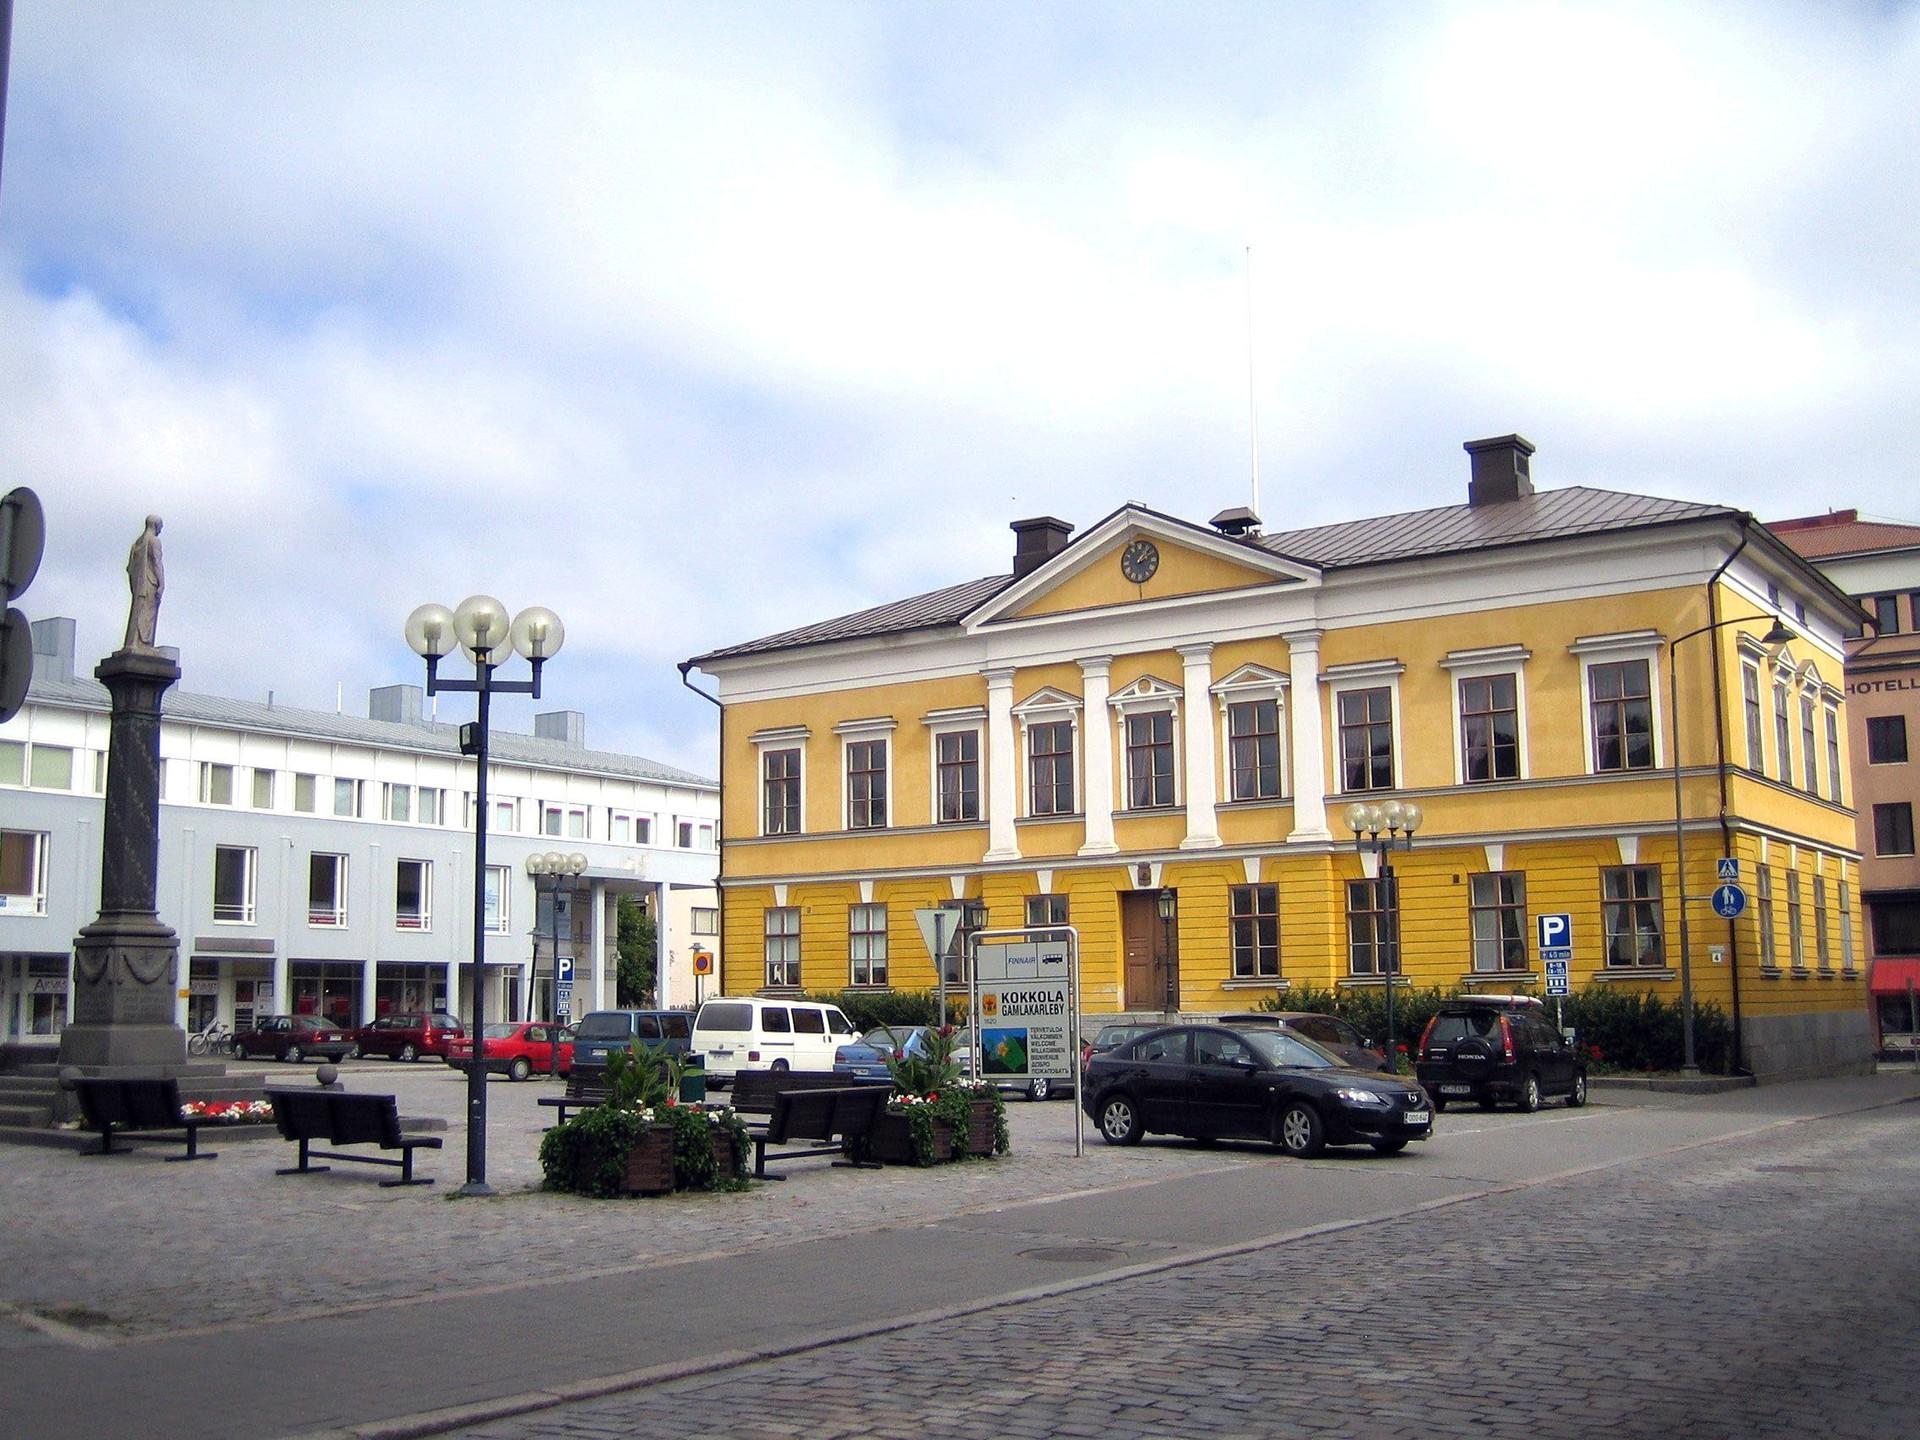 Esperienza Erasmus a Kokkola, Finlandia di Vendula